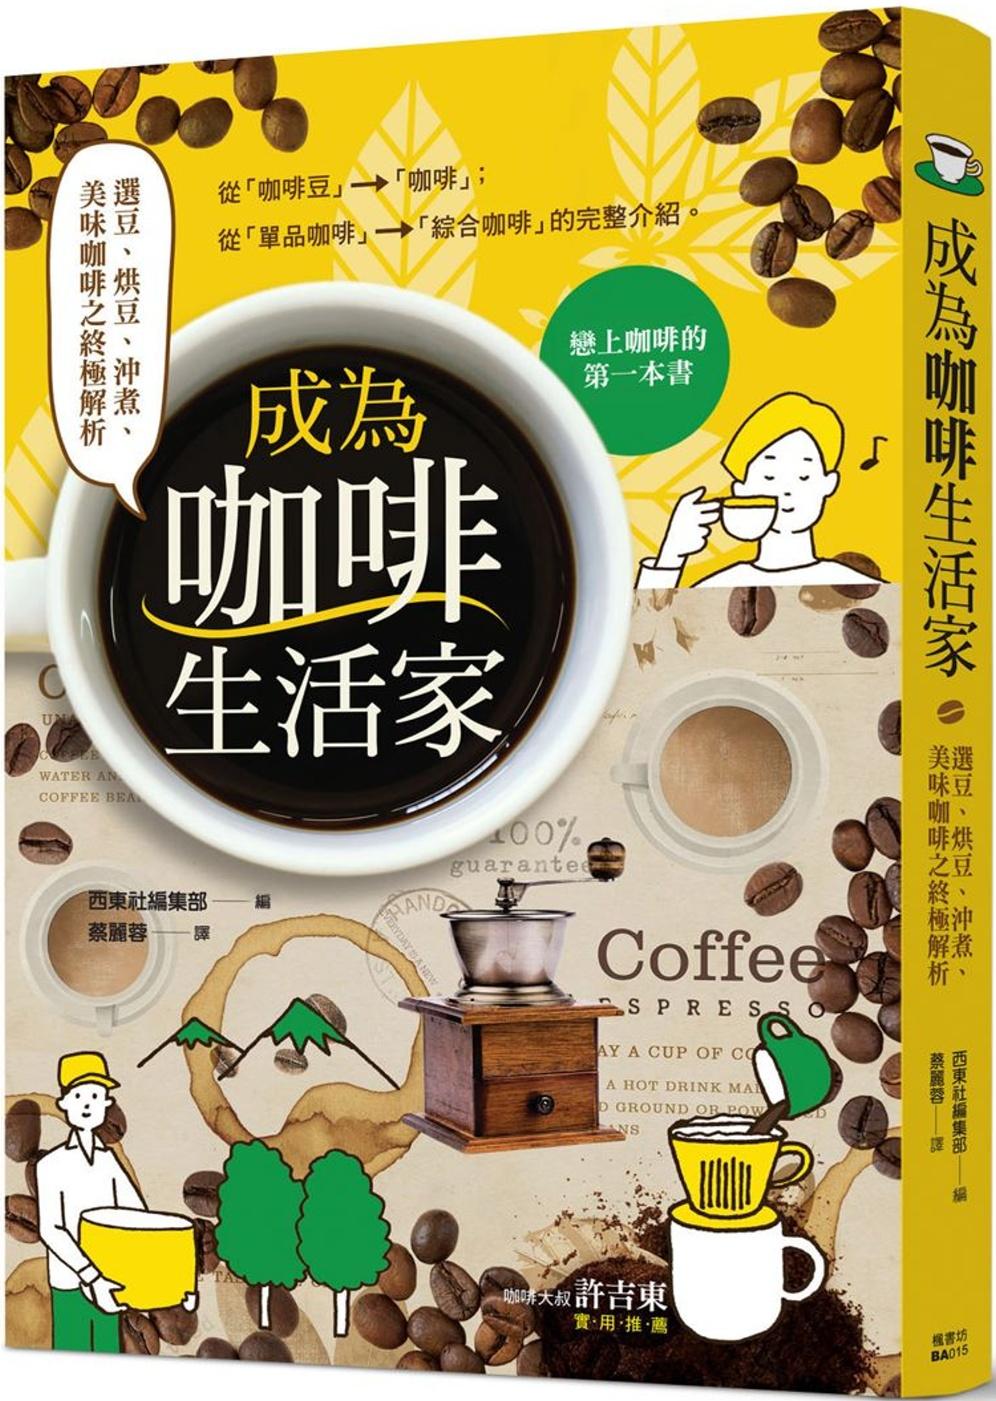 成為咖啡生活家:選豆、烘豆、沖煮、美味咖啡之終極解析